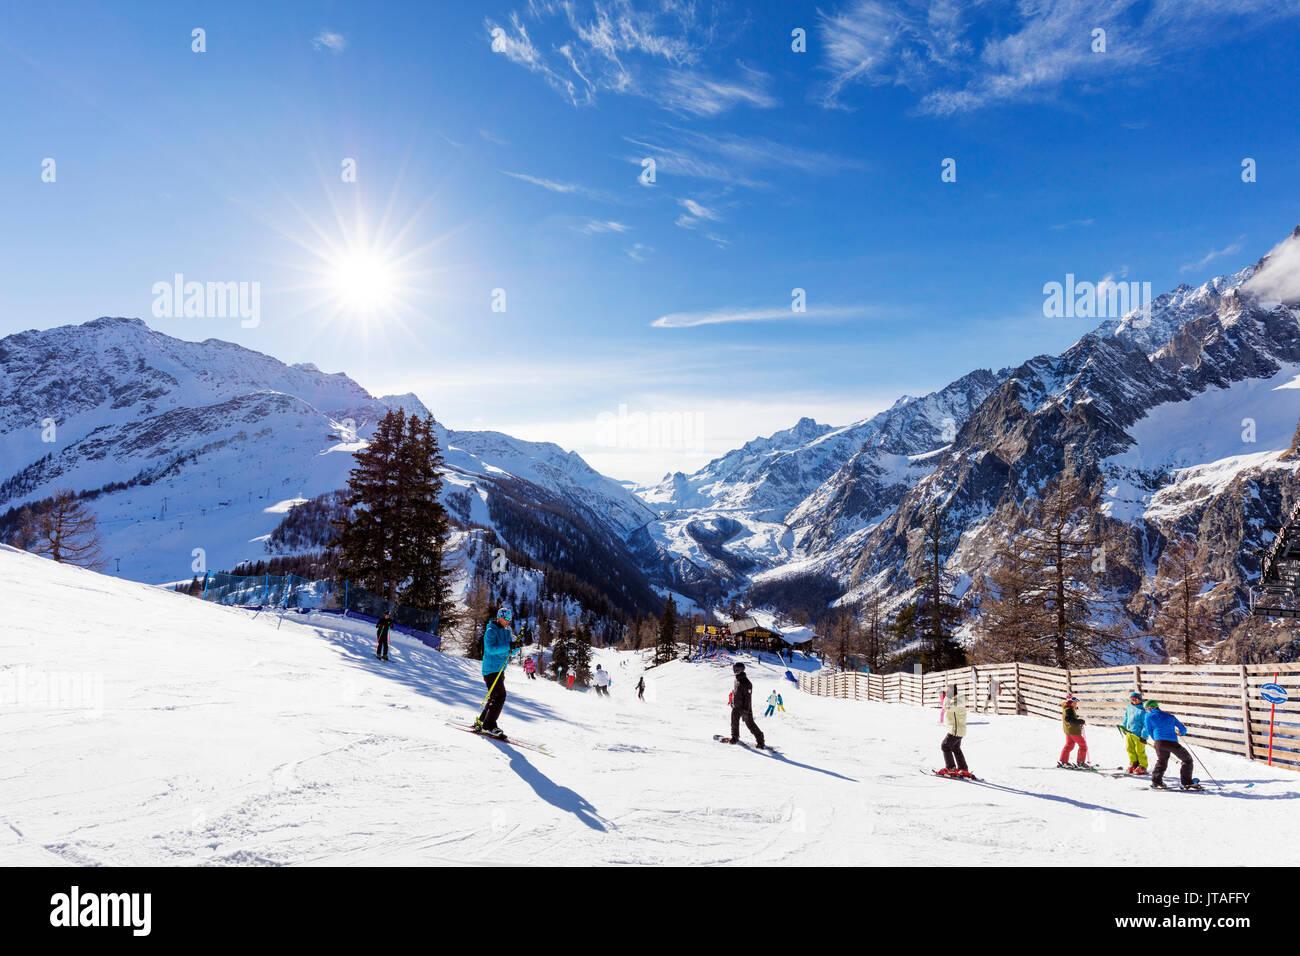 Station de ski de Courmayeur, vallée d'Aoste, Alpes italiennes, l'Italie, l'Europe Banque D'Images